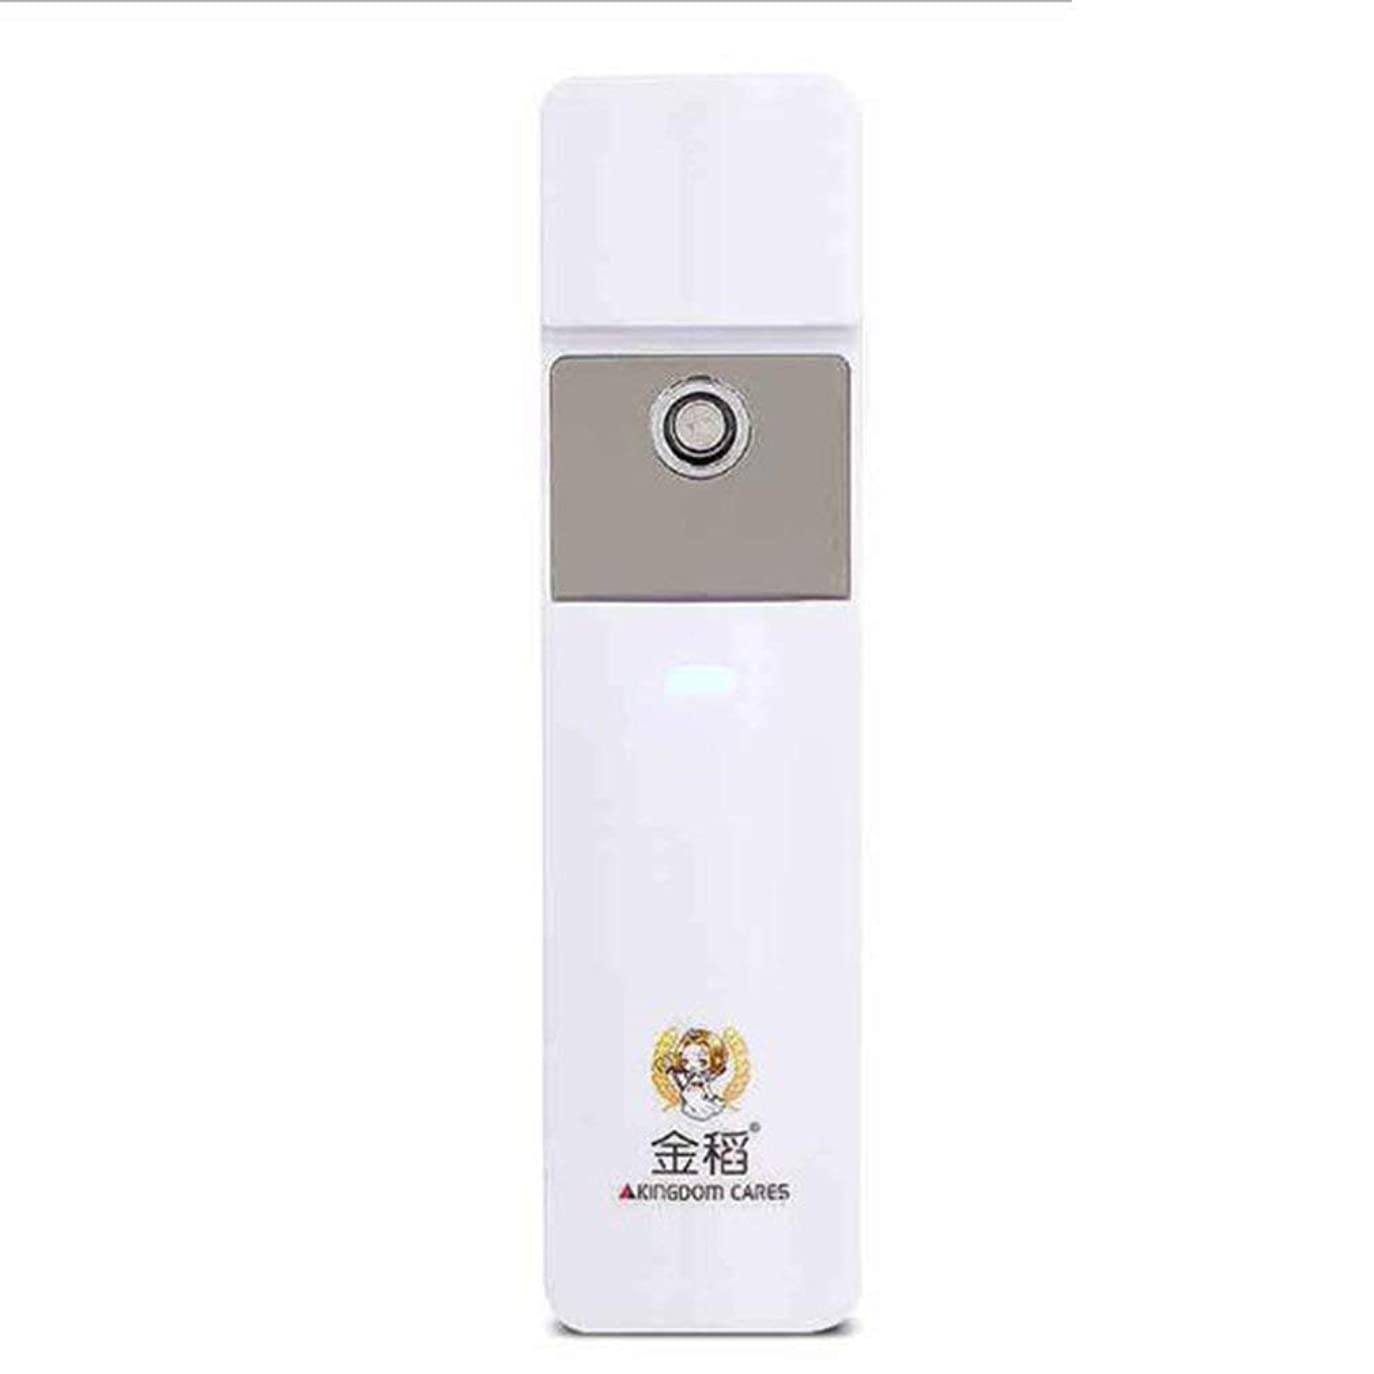 モーションポケットドレインUSBポータブルナノミストスプレーミニフェイシャル充電式ハンドヘルドウォーター補給美容器具保湿スキンケア